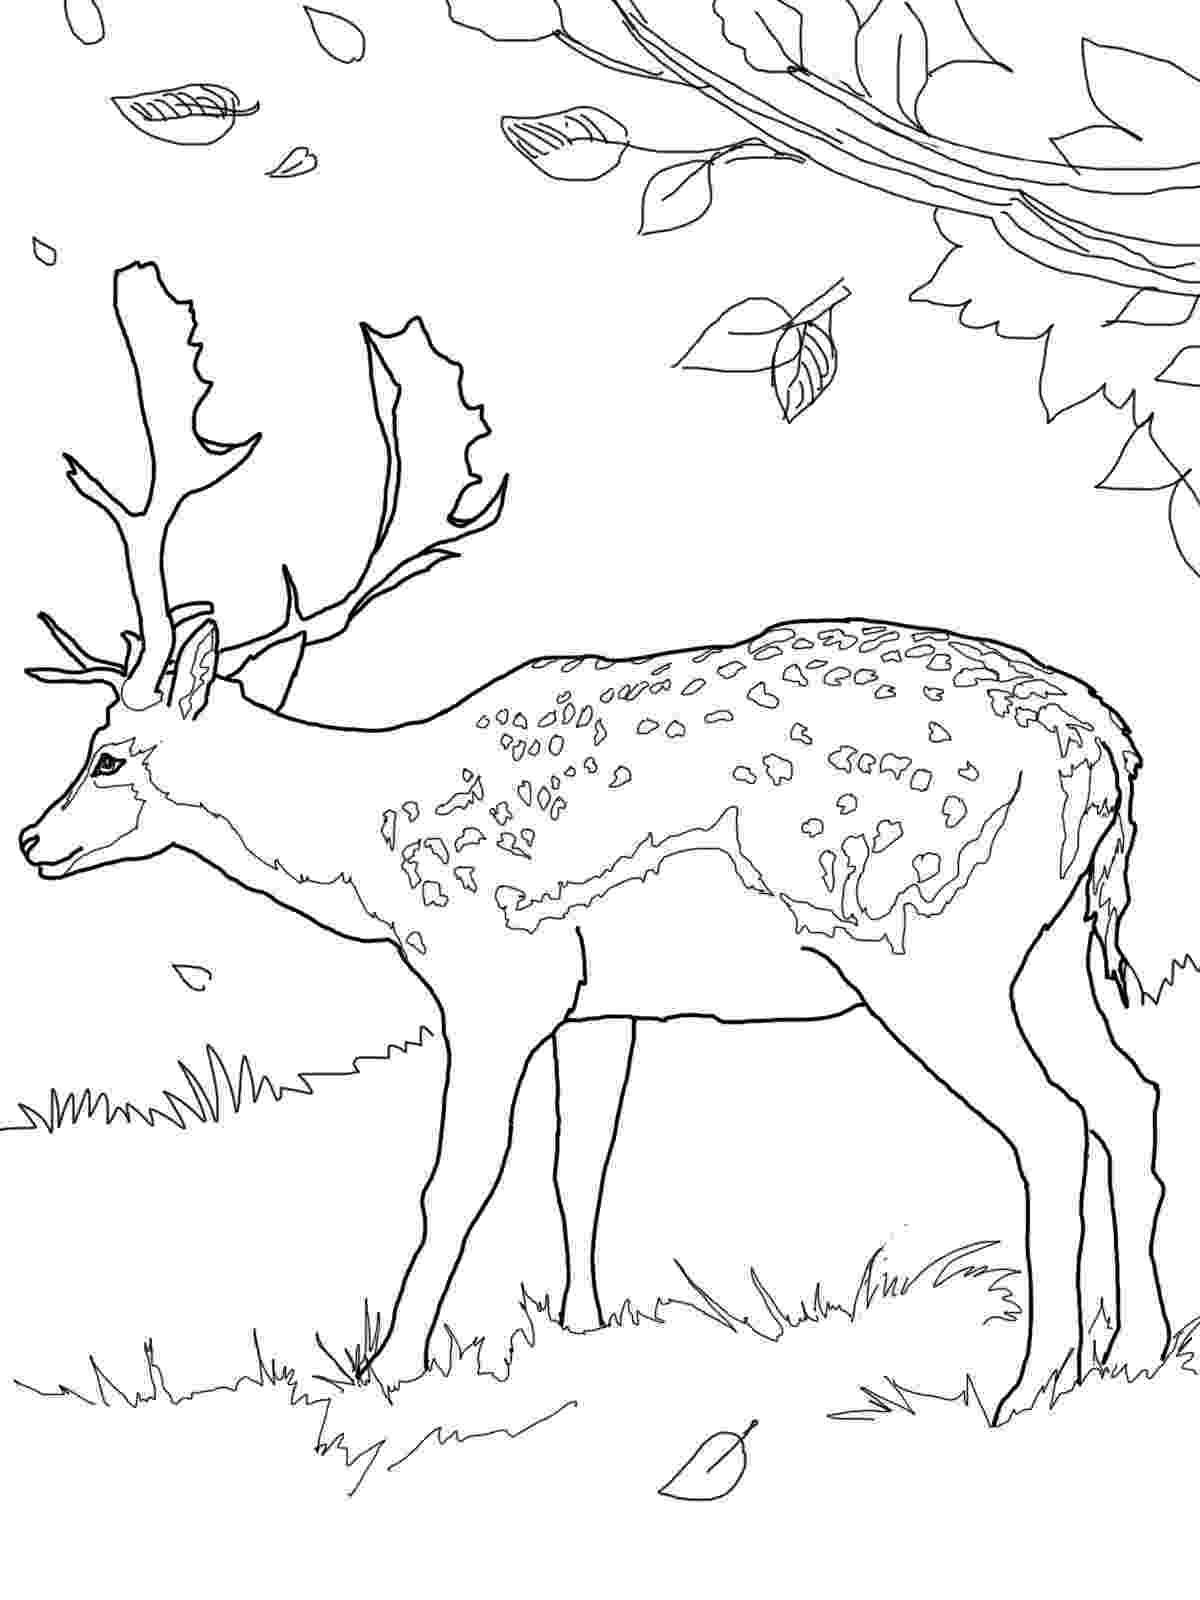 buck coloring pages free printable deer coloring pages for kids coloring buck pages 1 1